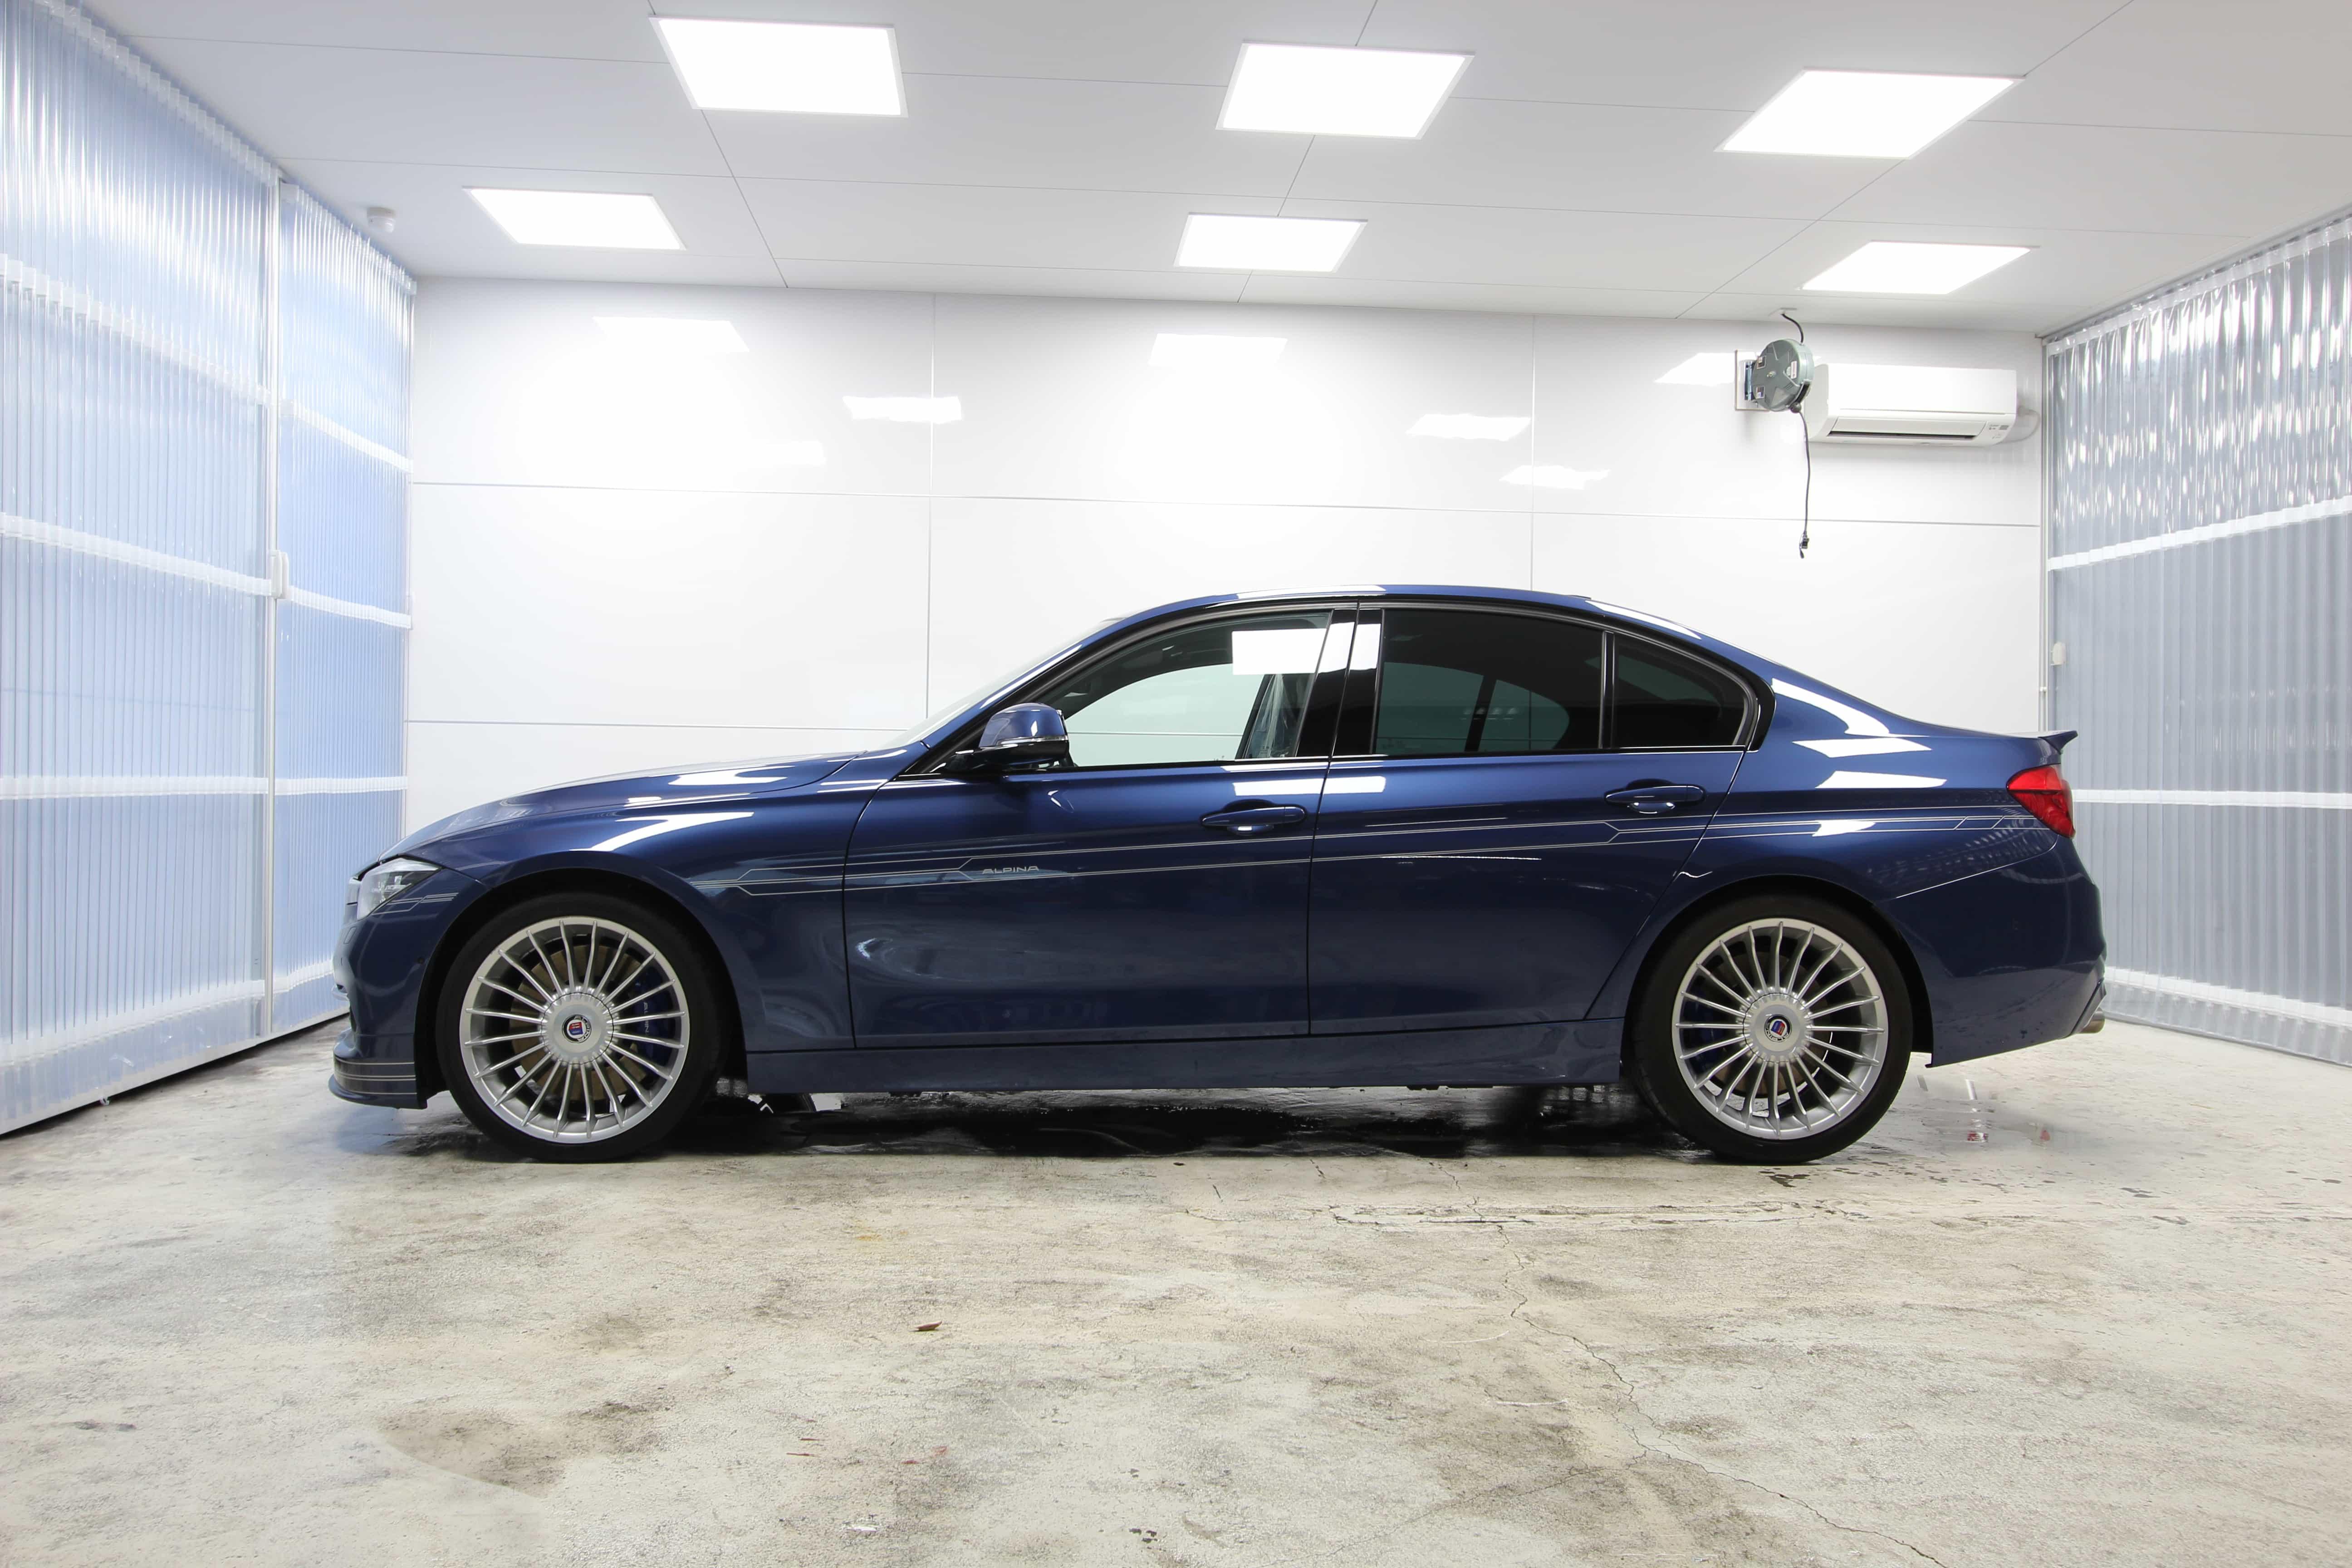 BMW アルピナD3 ボディーコーティングメンテナンス